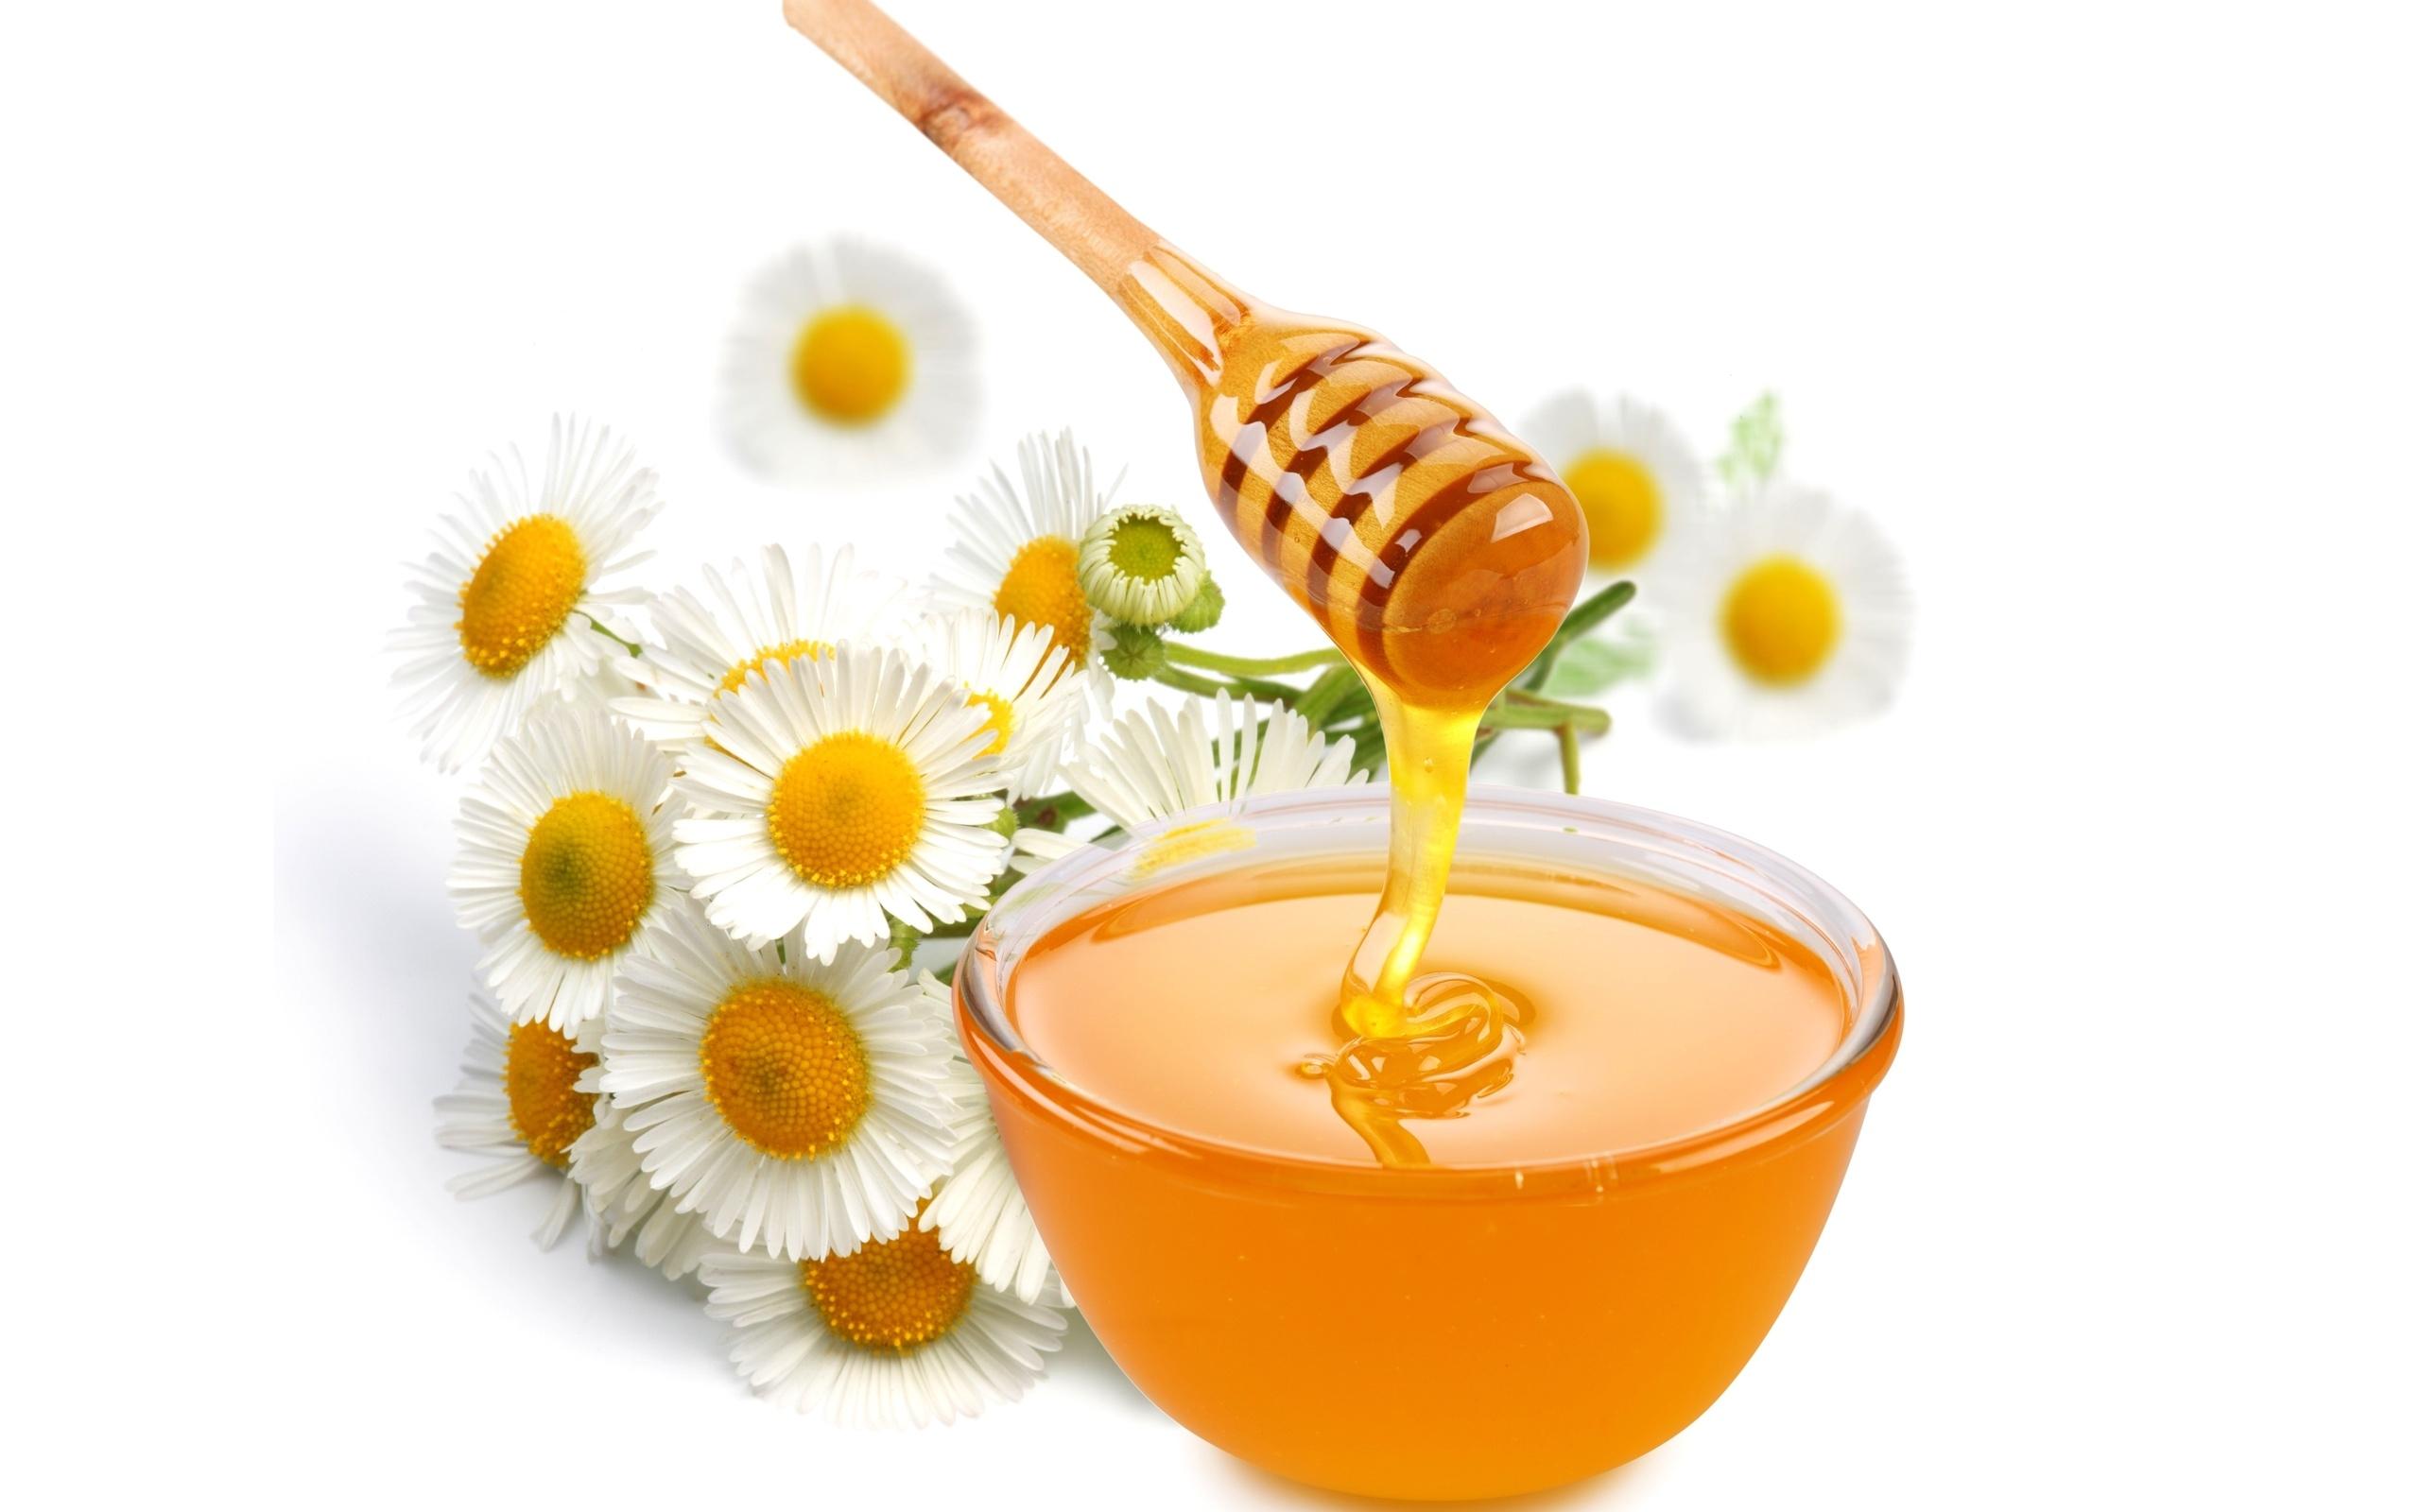 Các cách dưỡng môi bằng mật ong